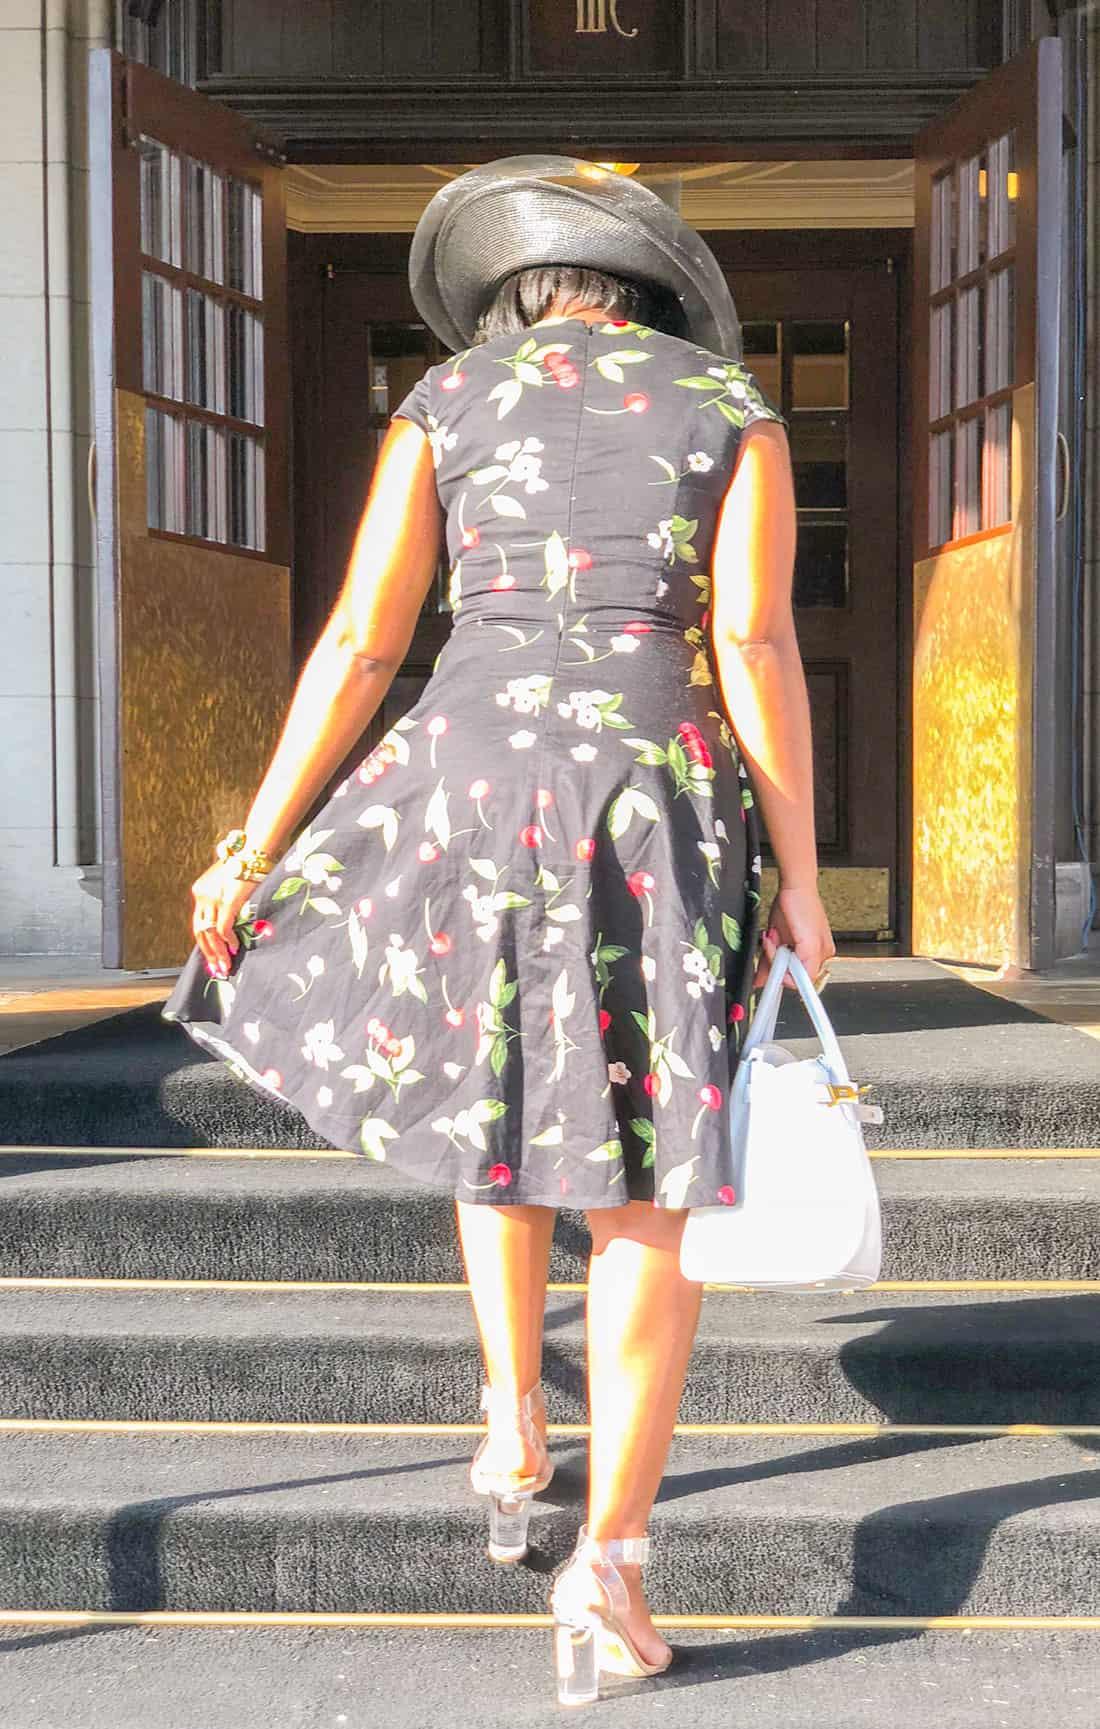 shaunda necole classy 50s style dress